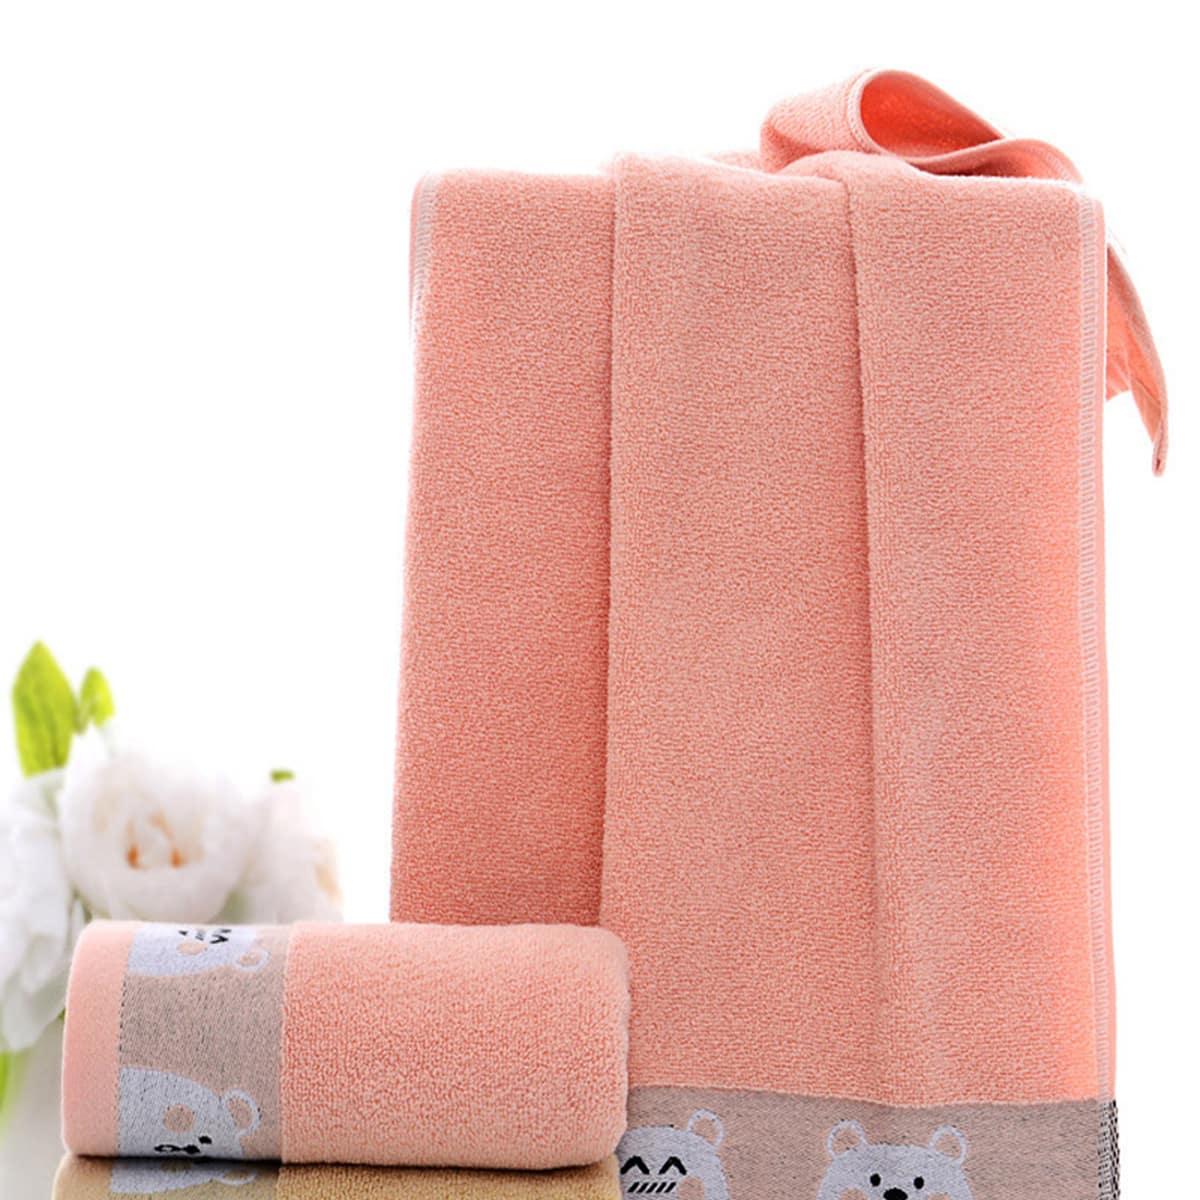 Katoenen handdoek met cartoon patroon van 1 st